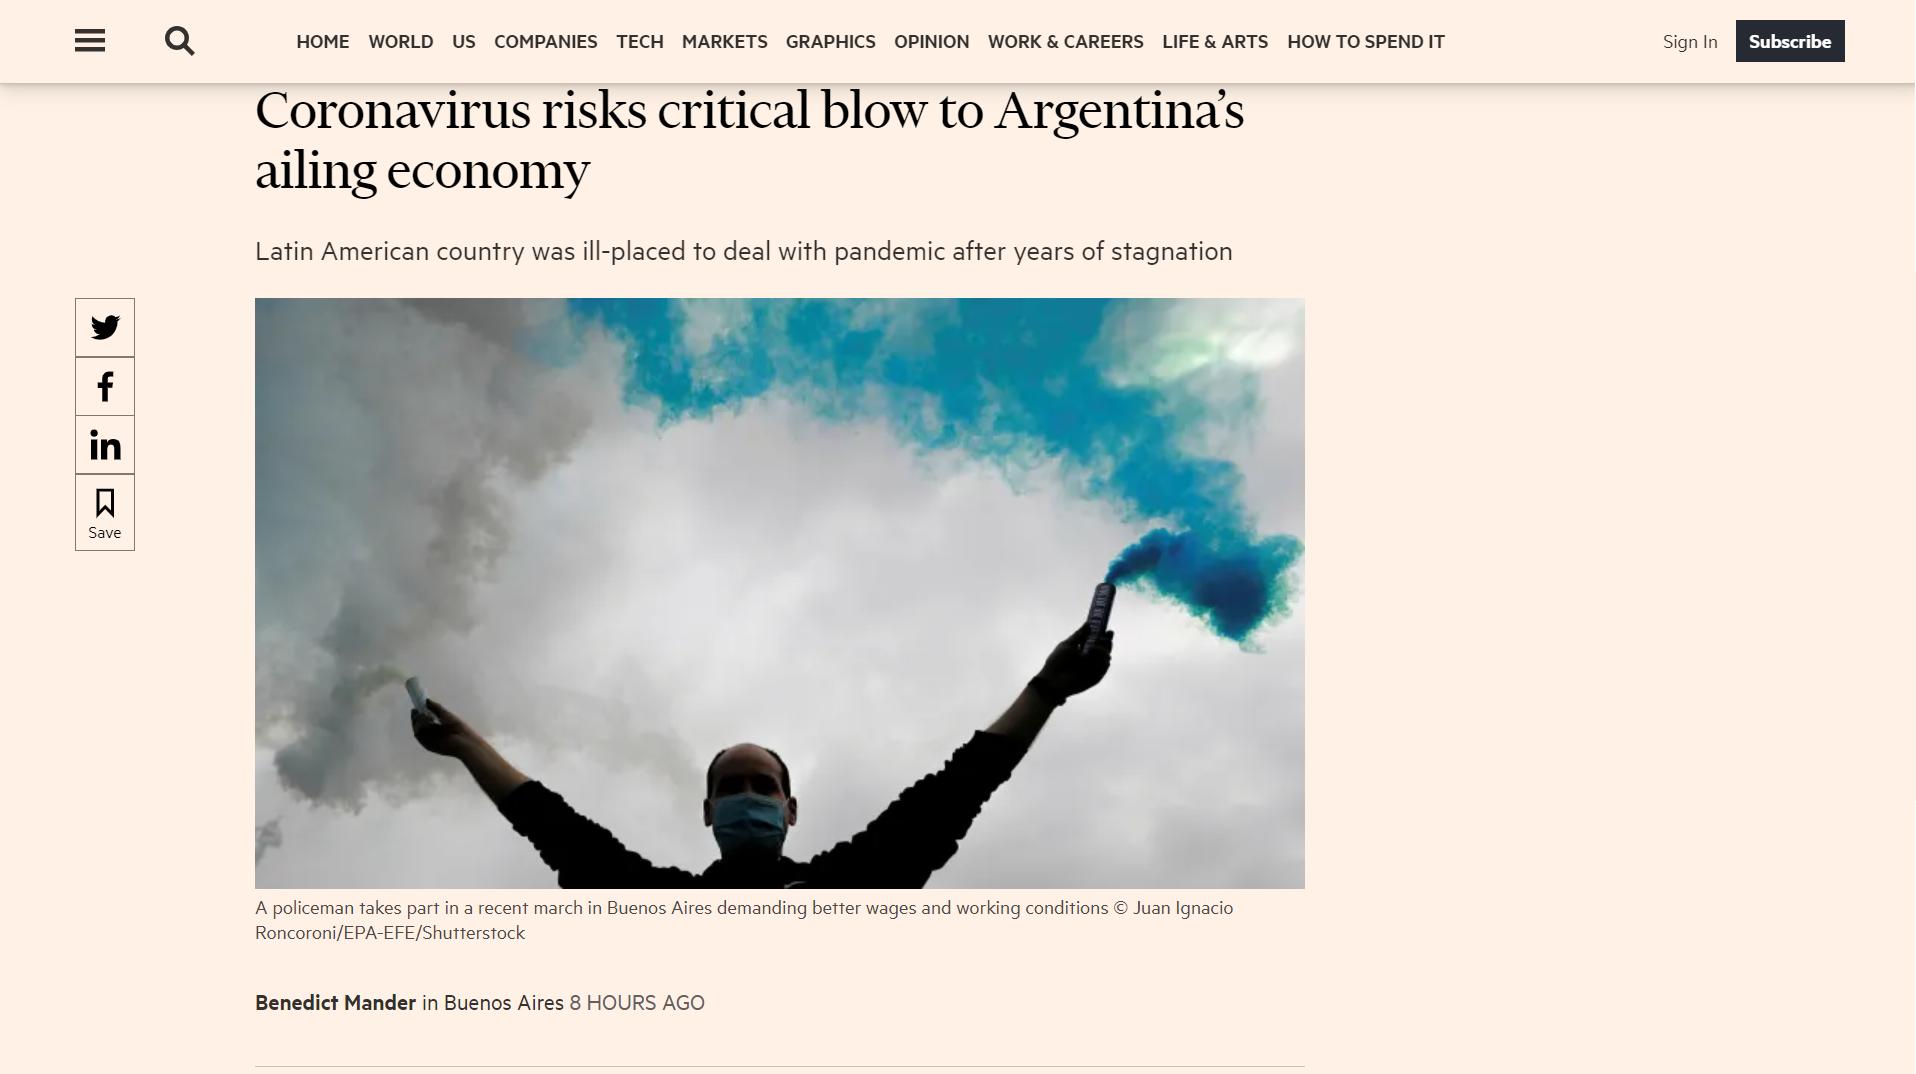 Este es el artículo del Financial Times